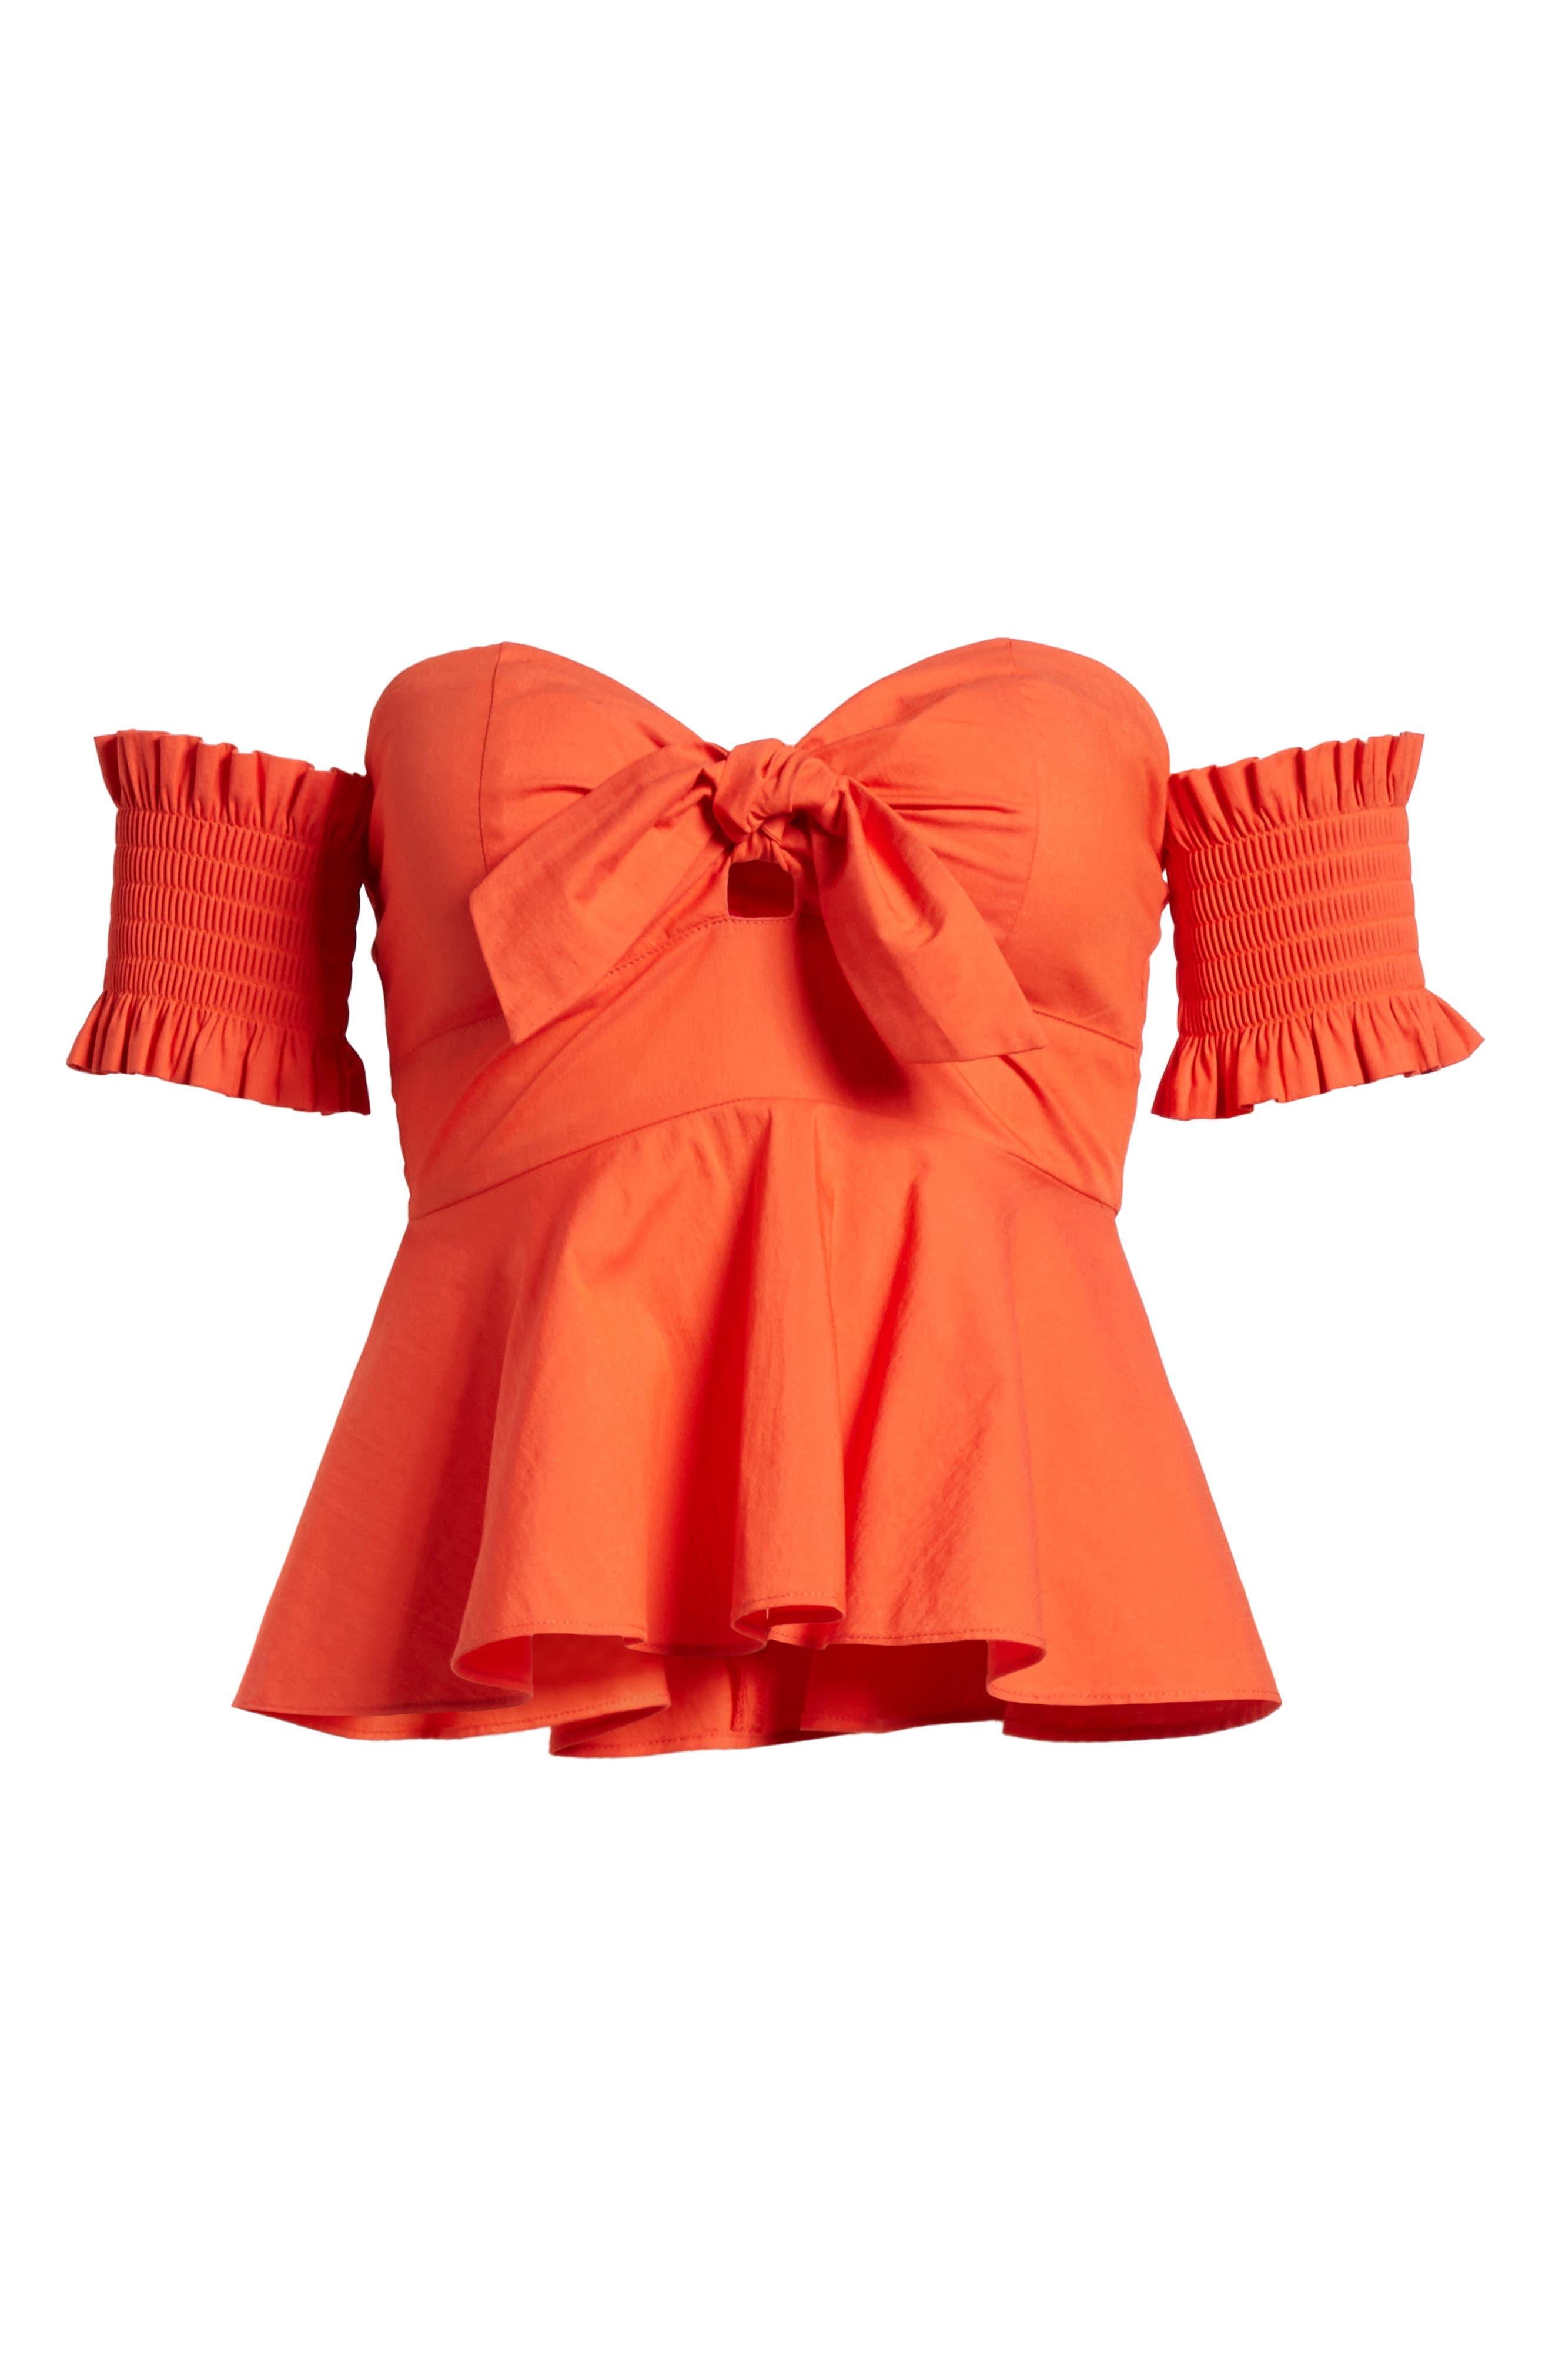 Smocked Off the Shoulder Top,                             Alternate thumbnail 7, color,                             Burnt Orange